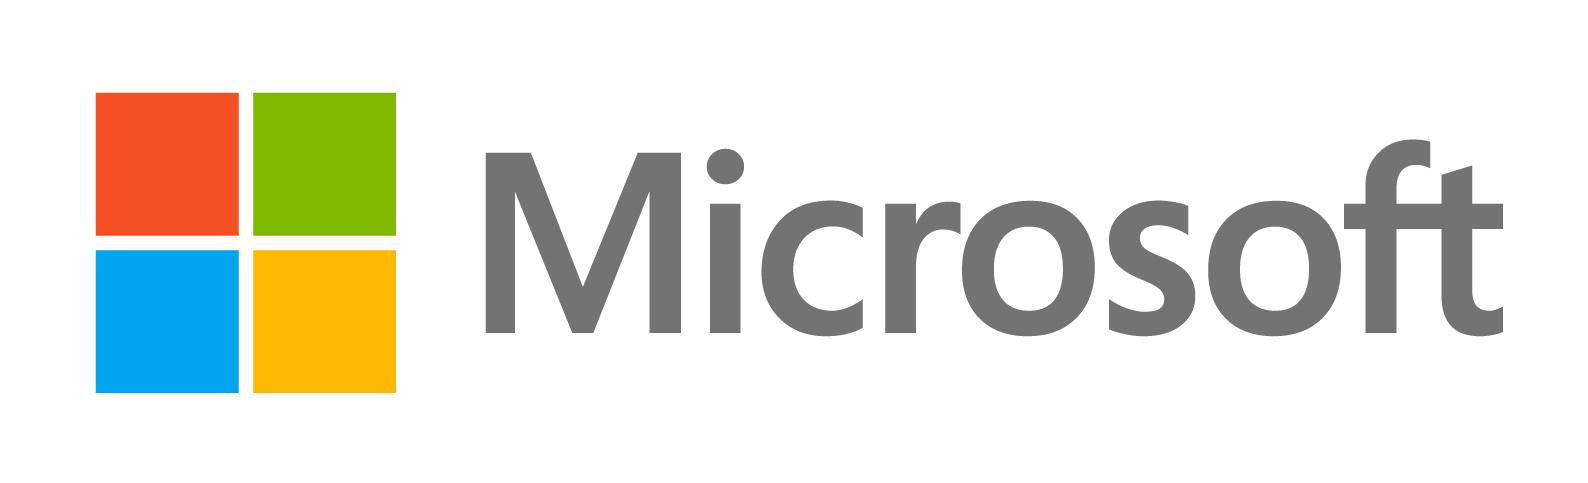 FINAL2Microsoft-logo_rgb_c-gray